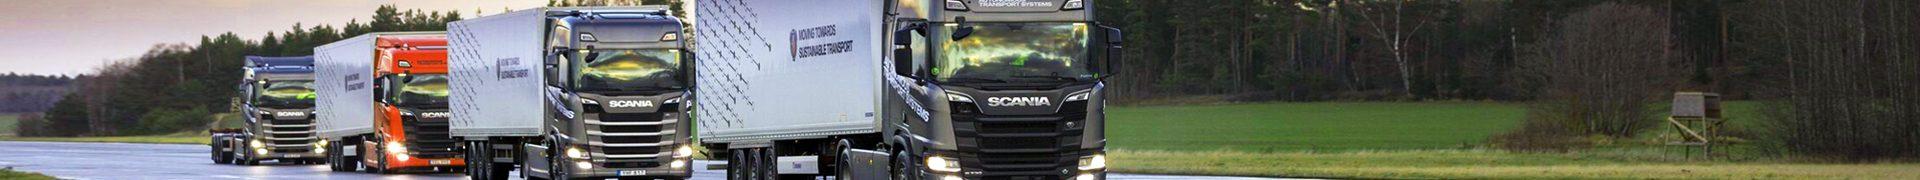 Ремонт грузовых автомобилей, автобусов Scania (Скания)